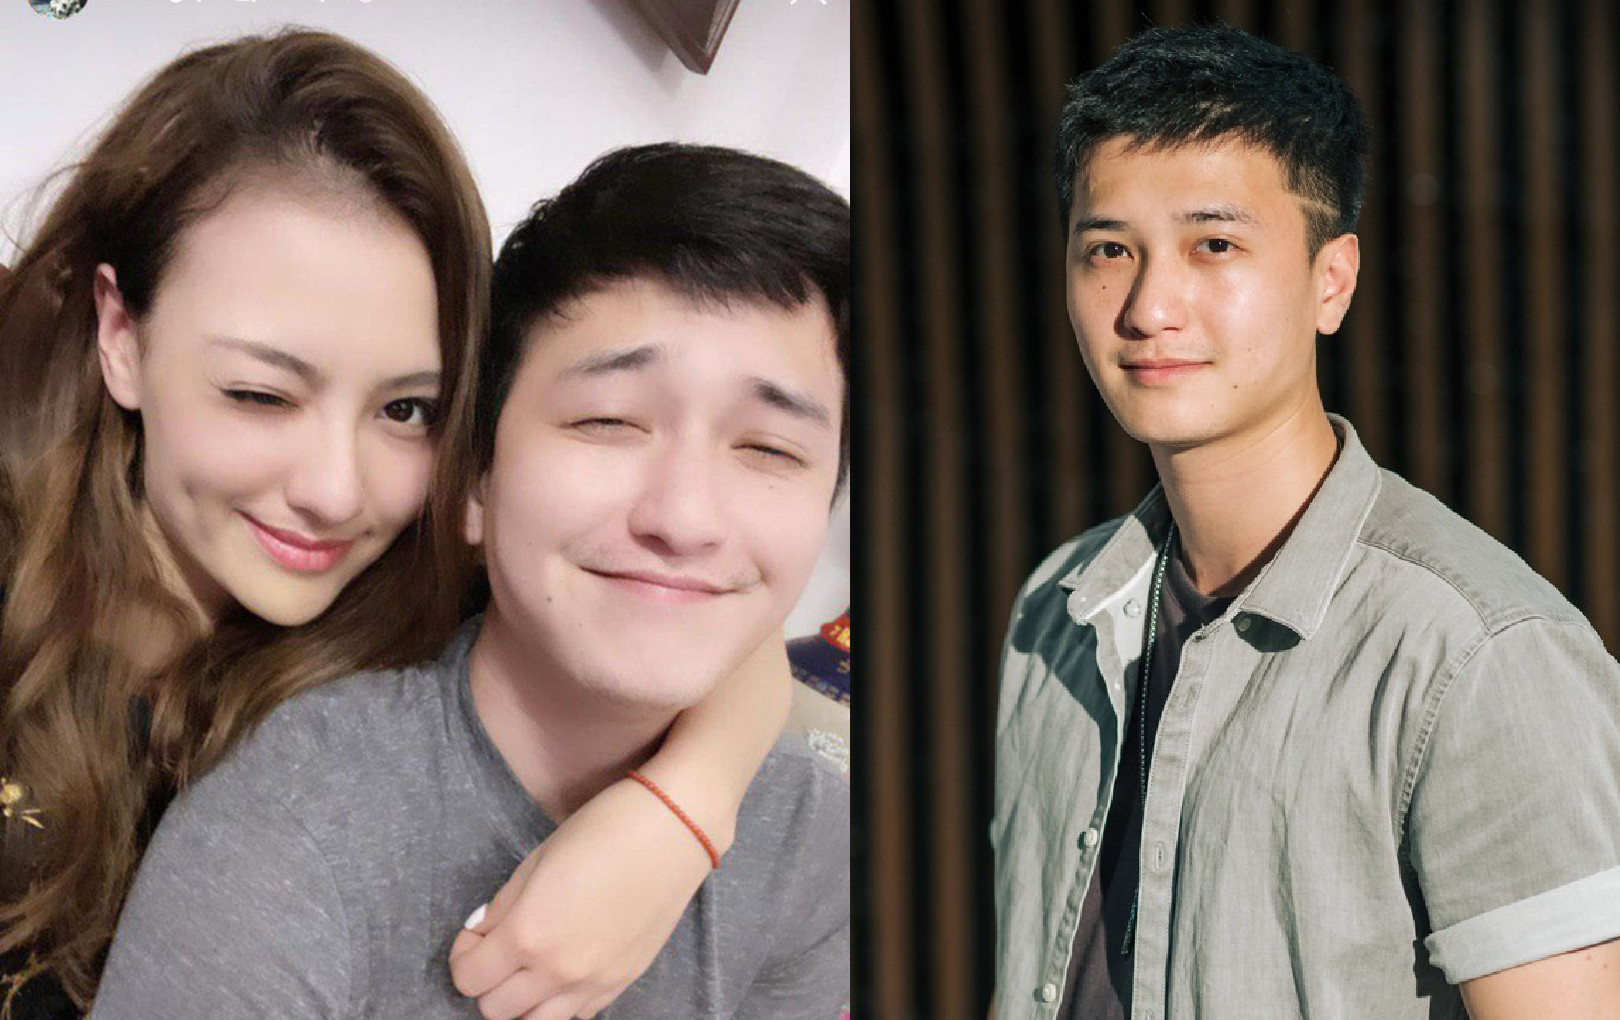 Hồng Quế đăng ảnh tình cảm với Huỳnh Anh sau nghi vấn hẹn hò, ủa yêu hay không yêu vậy 2 anh chị ơi?